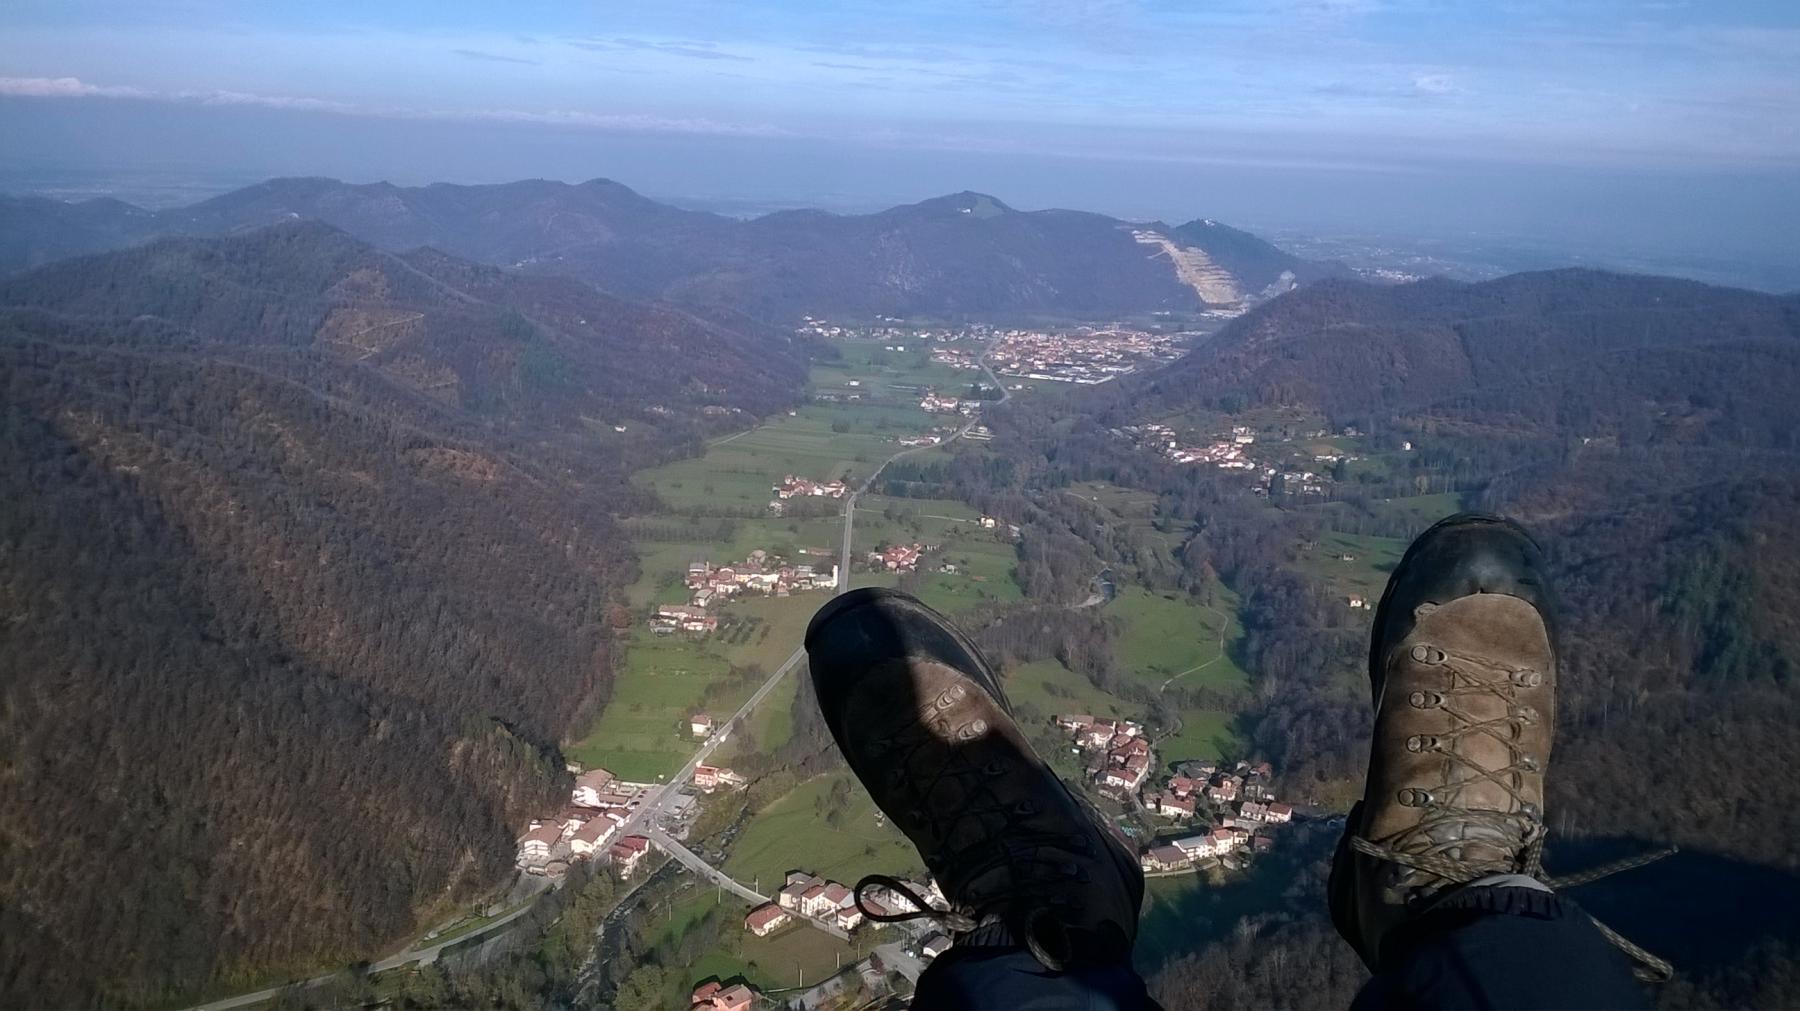 Trucca della Tura volo su valle ellero 2014-11-21